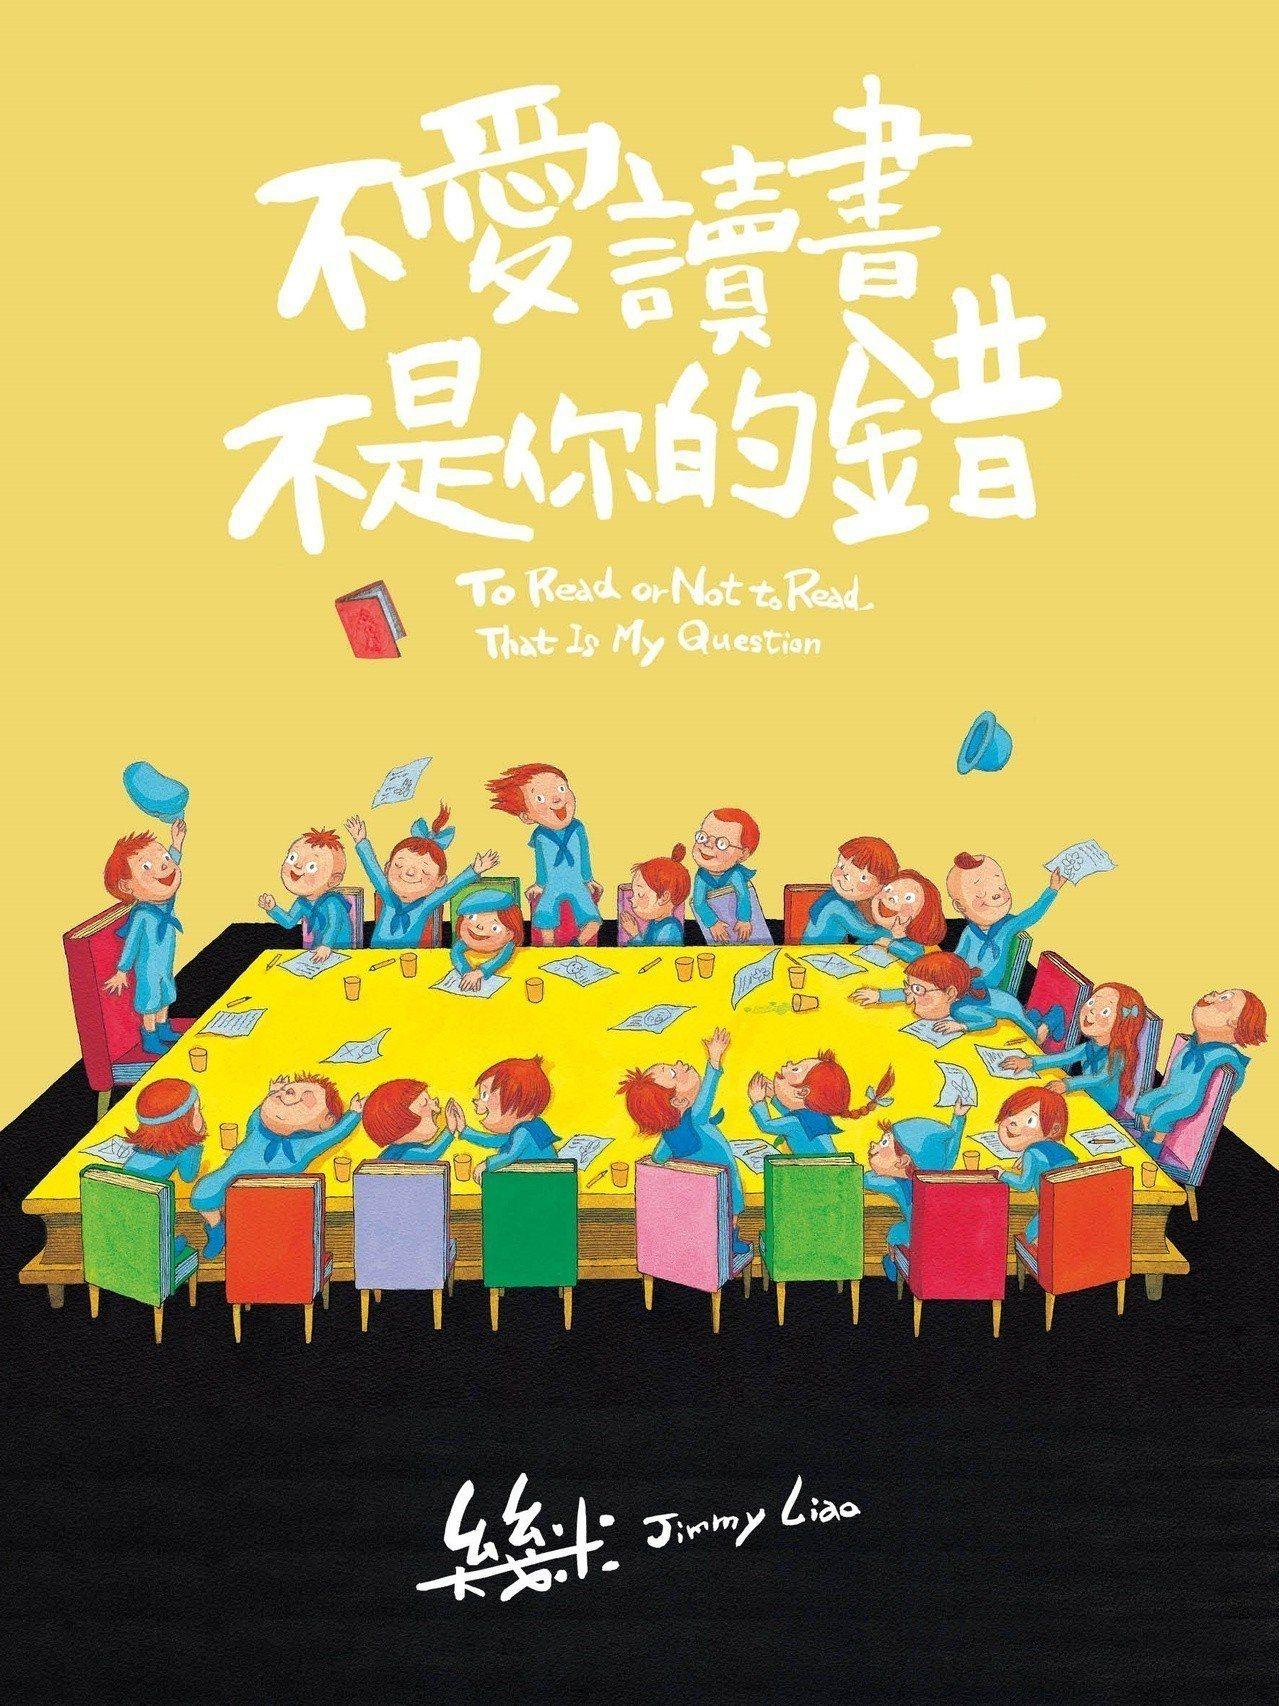 幾米推出新作「不愛讀書不是你的錯」,透過溫暖的圖畫鼓勵大小讀者閱讀。圖/大塊文化...